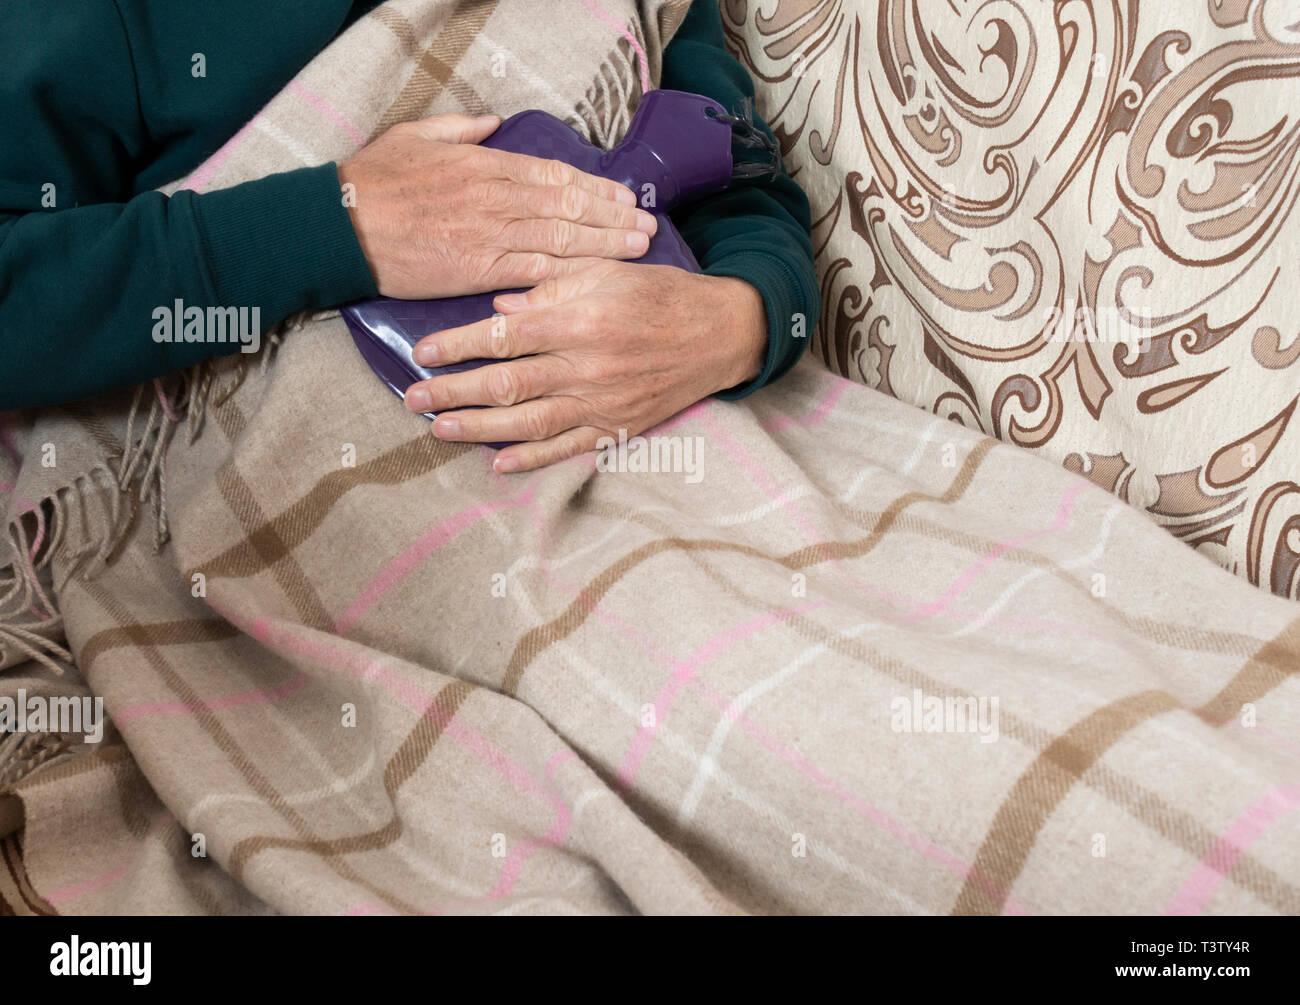 Mann auf dem Sofa holding Wärmflasche: Energiekosten, kaltes Wetter, Haushalt Rechnungen, verletzlich Rentner, Menschen Grippe... Konzept Bild Stockbild